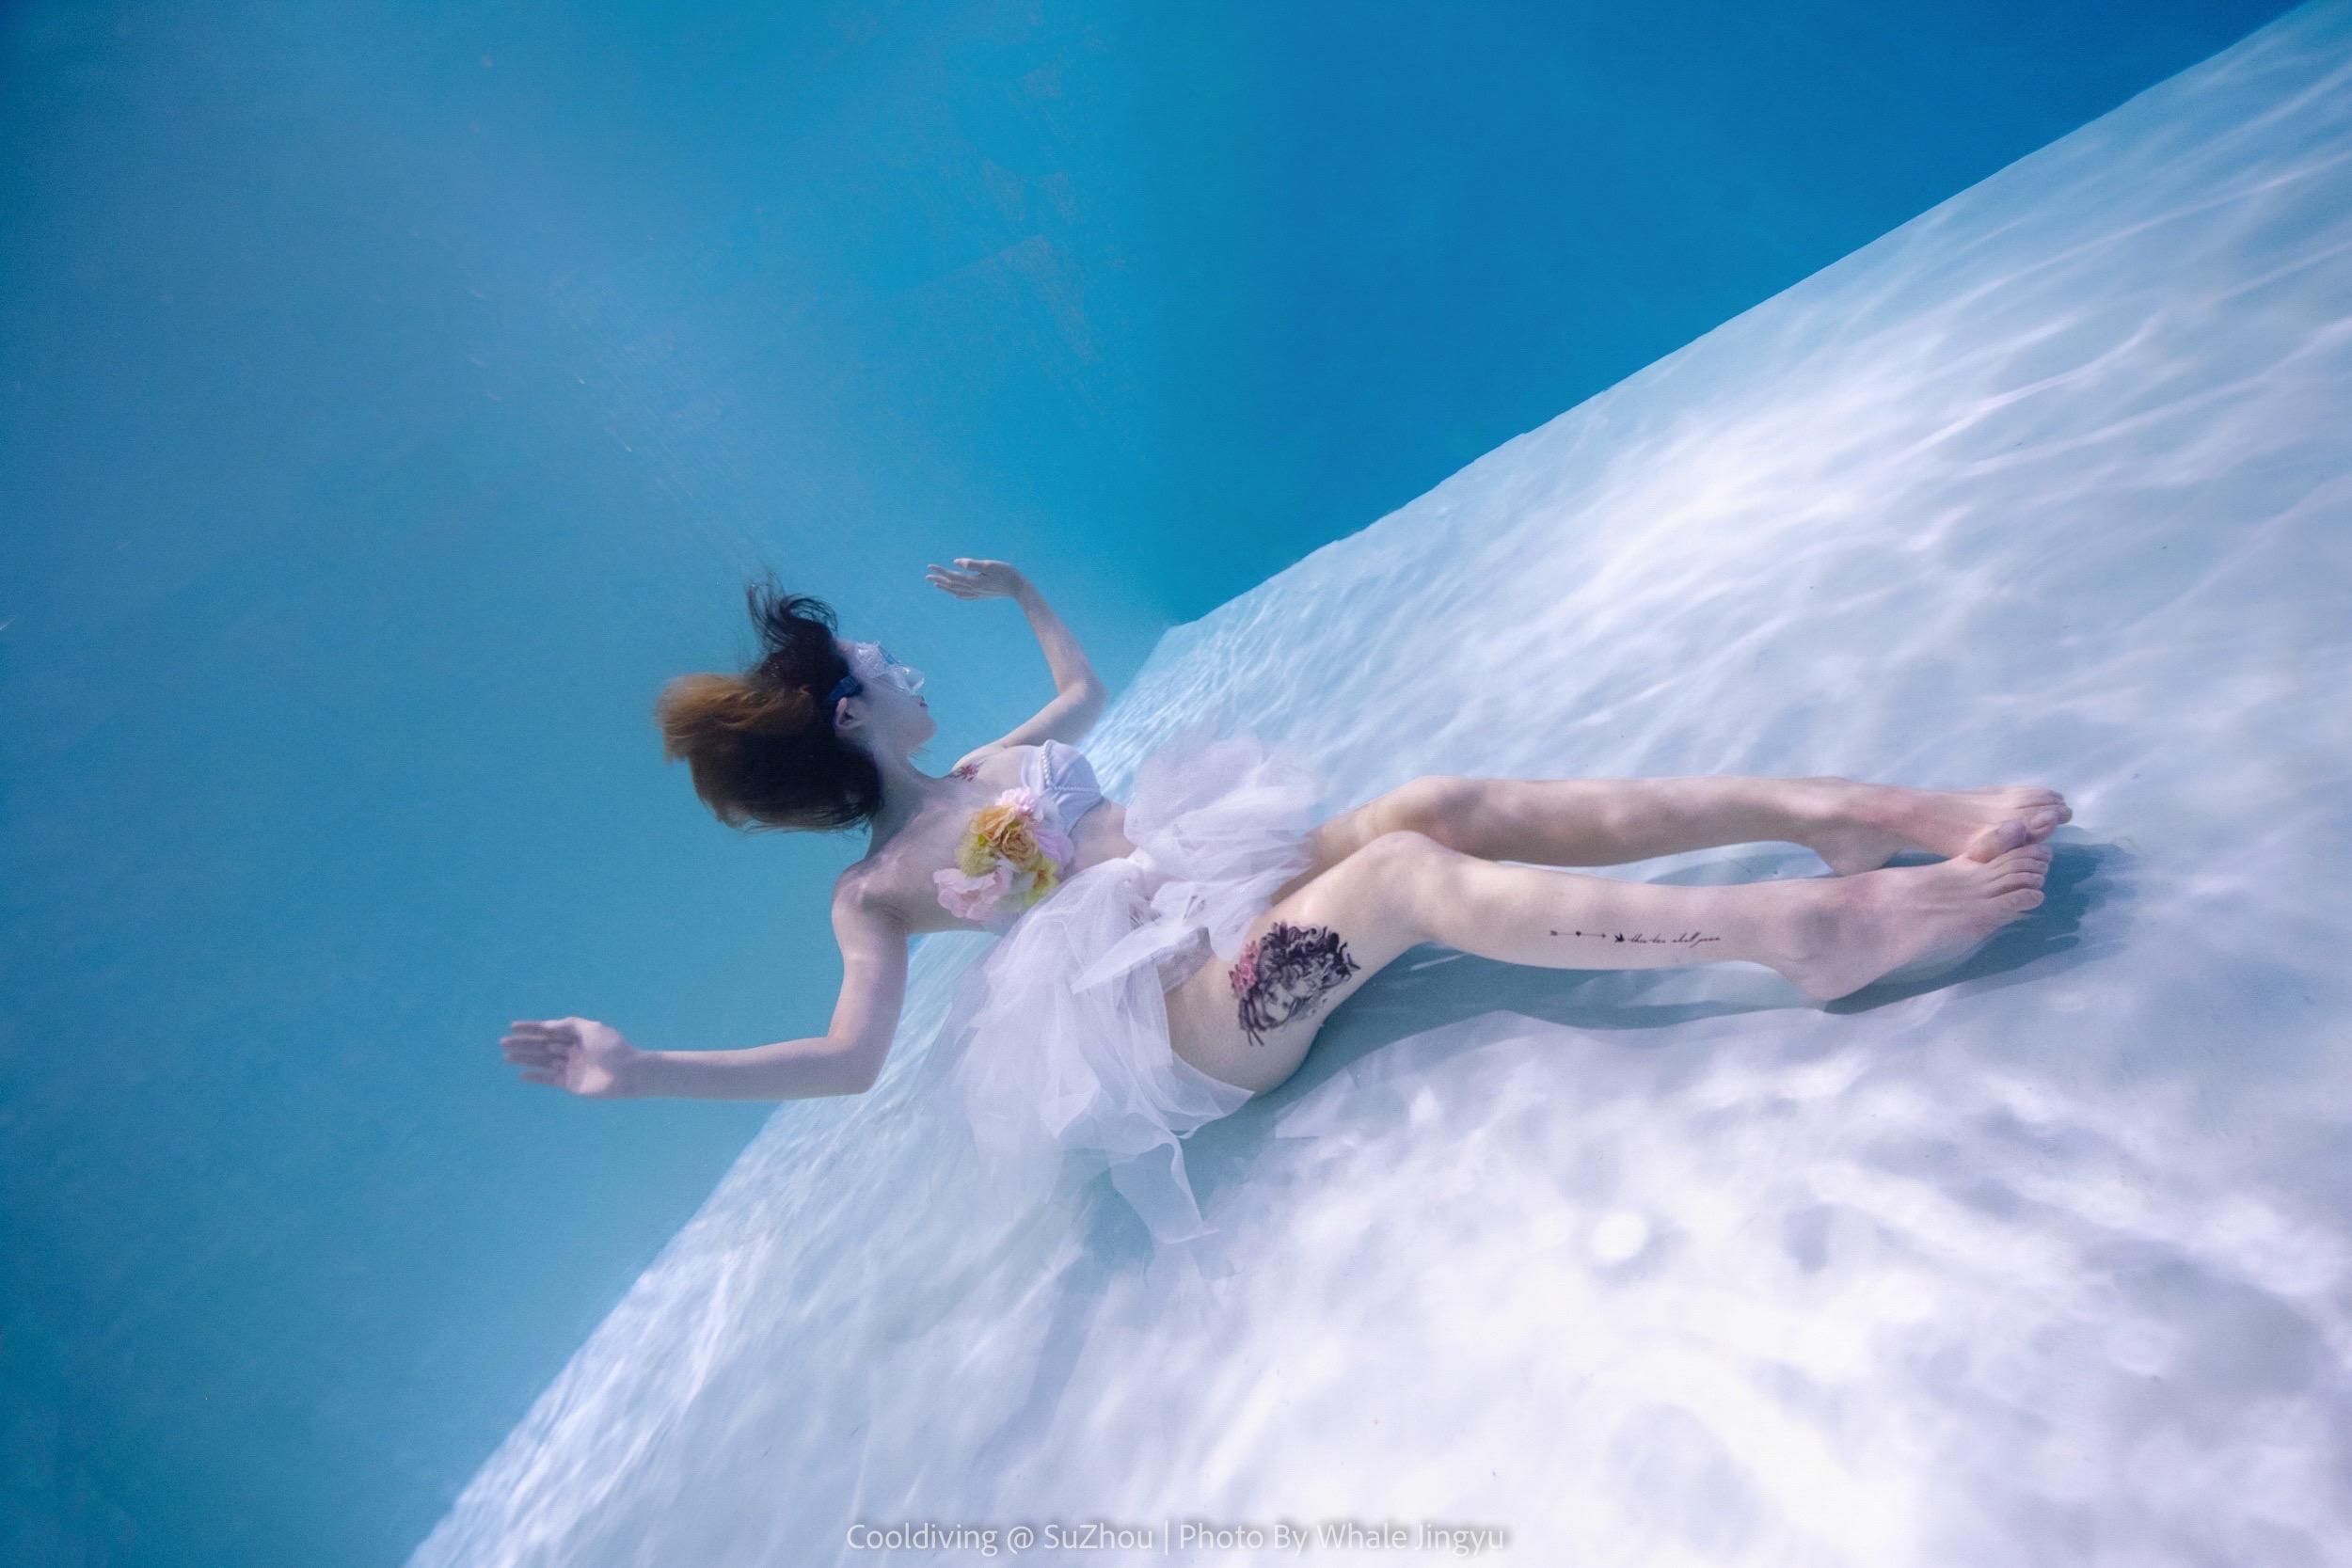 自由潜艺术照 照片